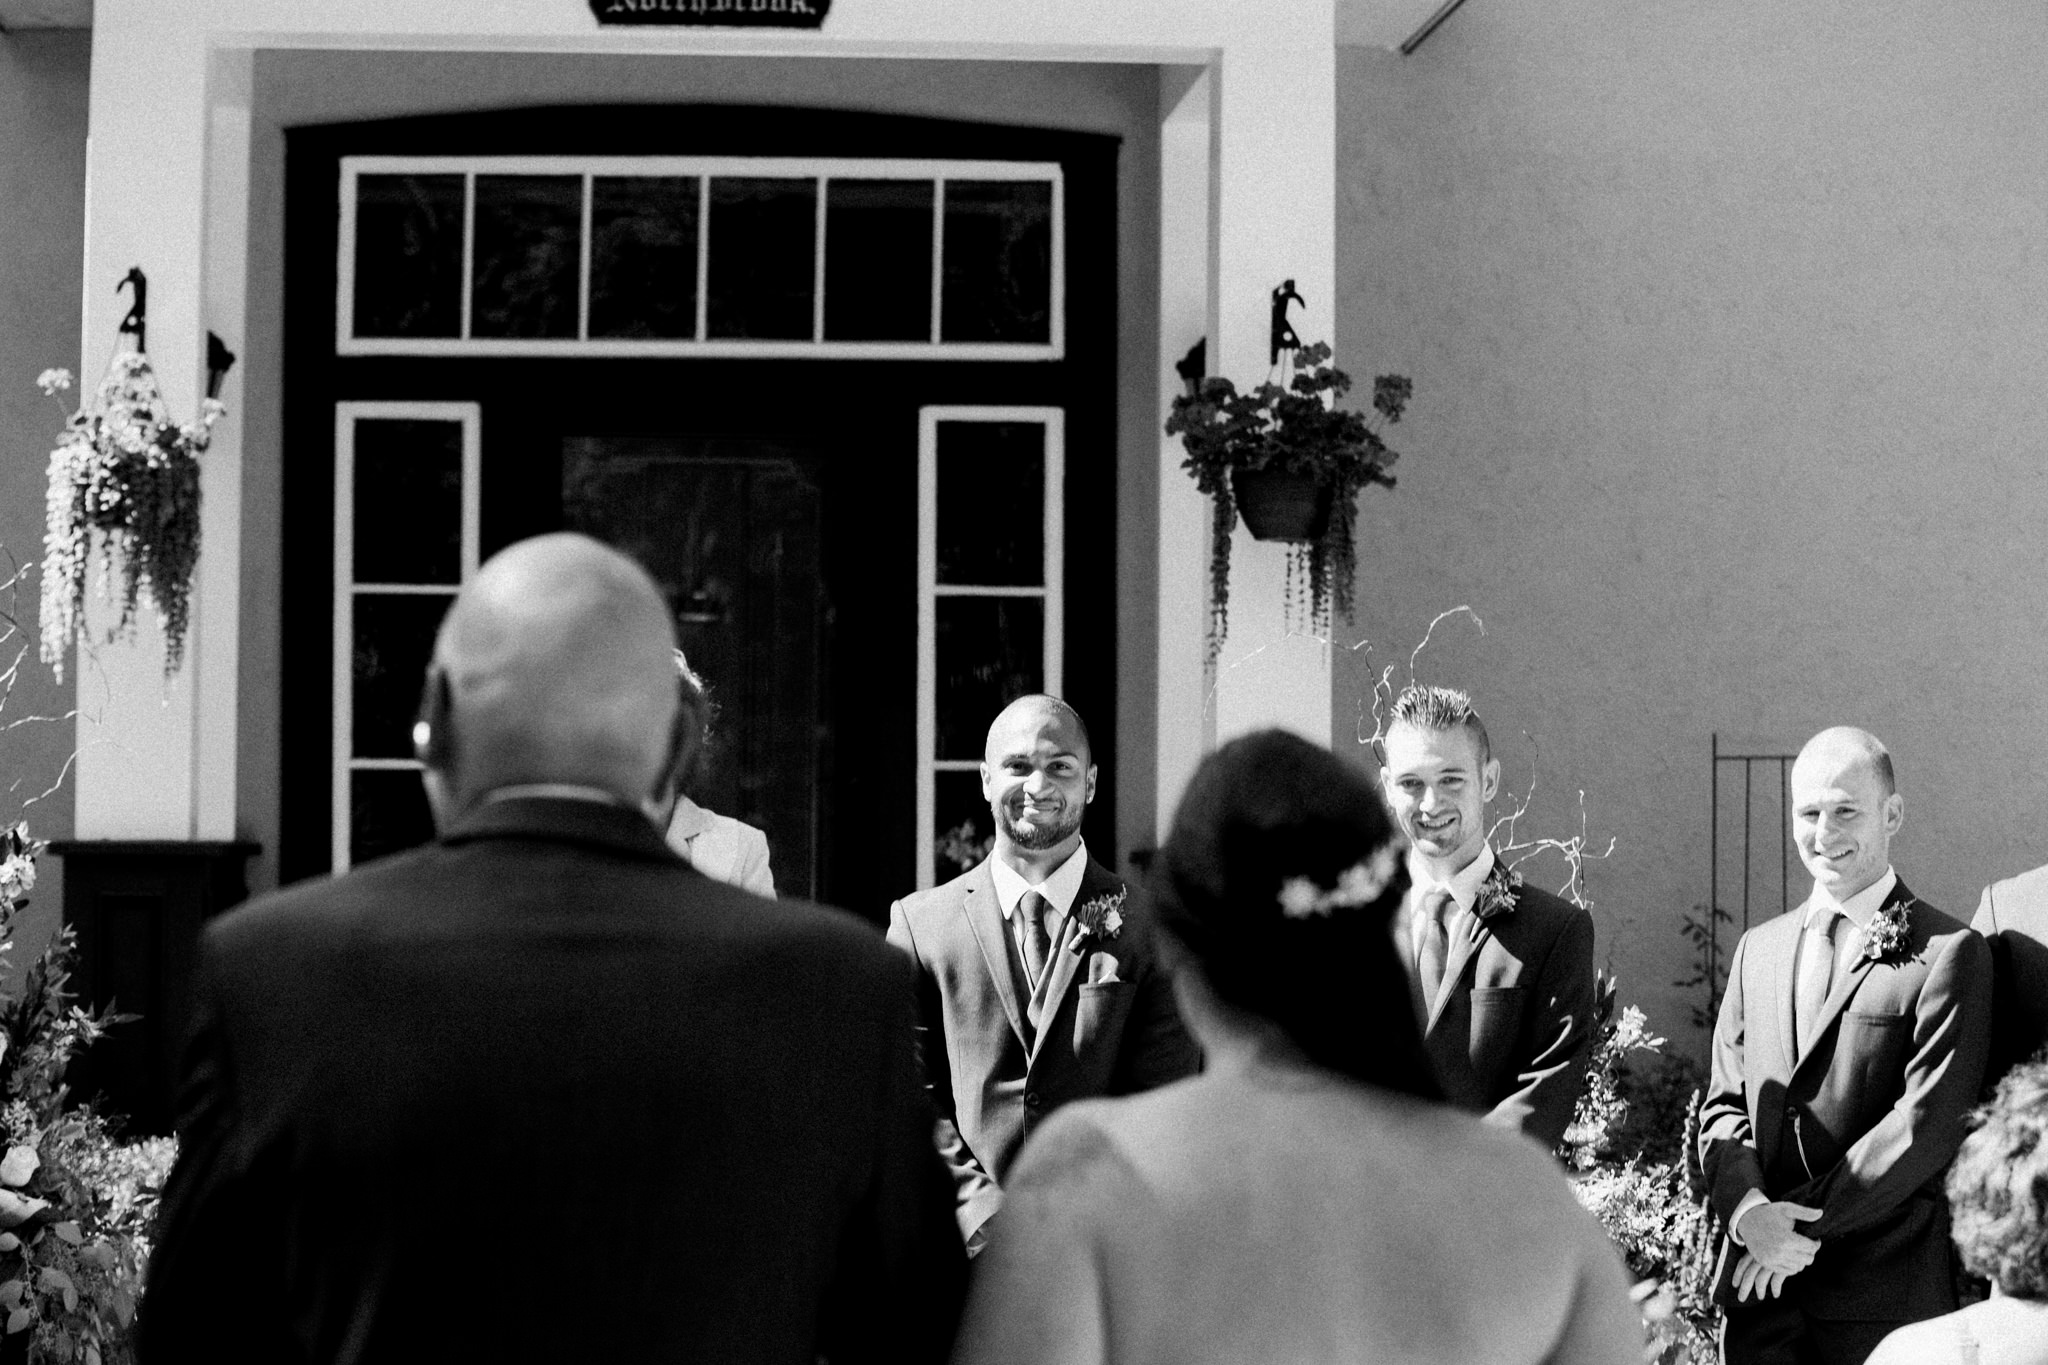 Orillia summer wedding at Northbrook Farms by Max Wong Photo (25)